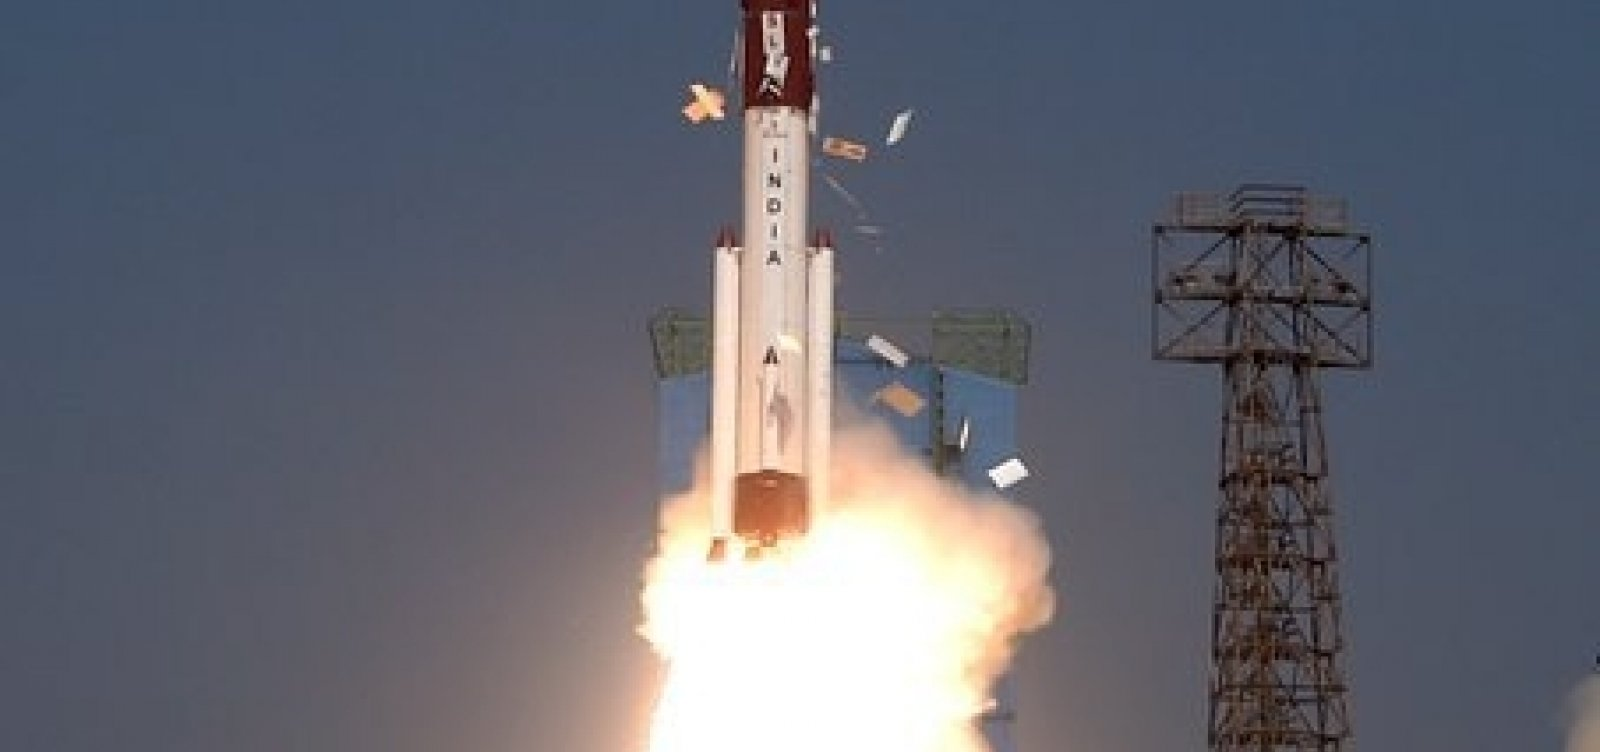 [Primeiro satélite feito totalmente no Brasil, Amazônia 1 é lançado no espaço ]